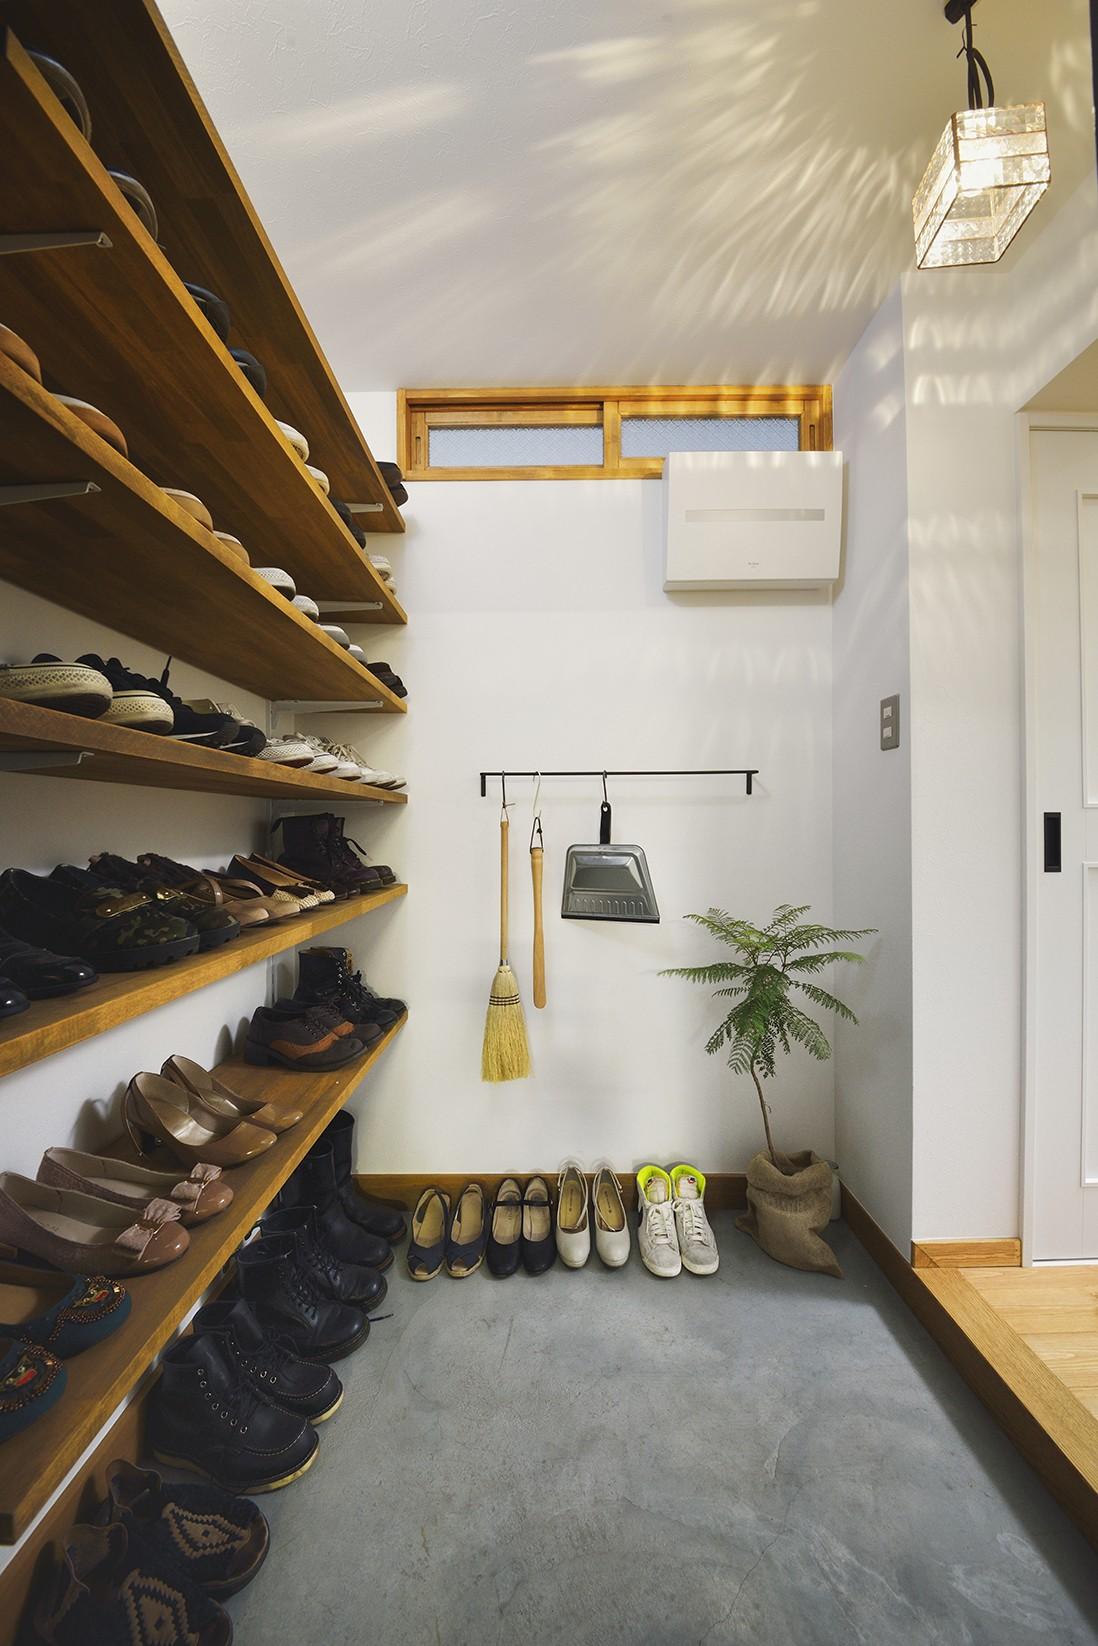 玄関事例:シンプルで機能的な玄関(リノベーションで思いどおりの住まい)